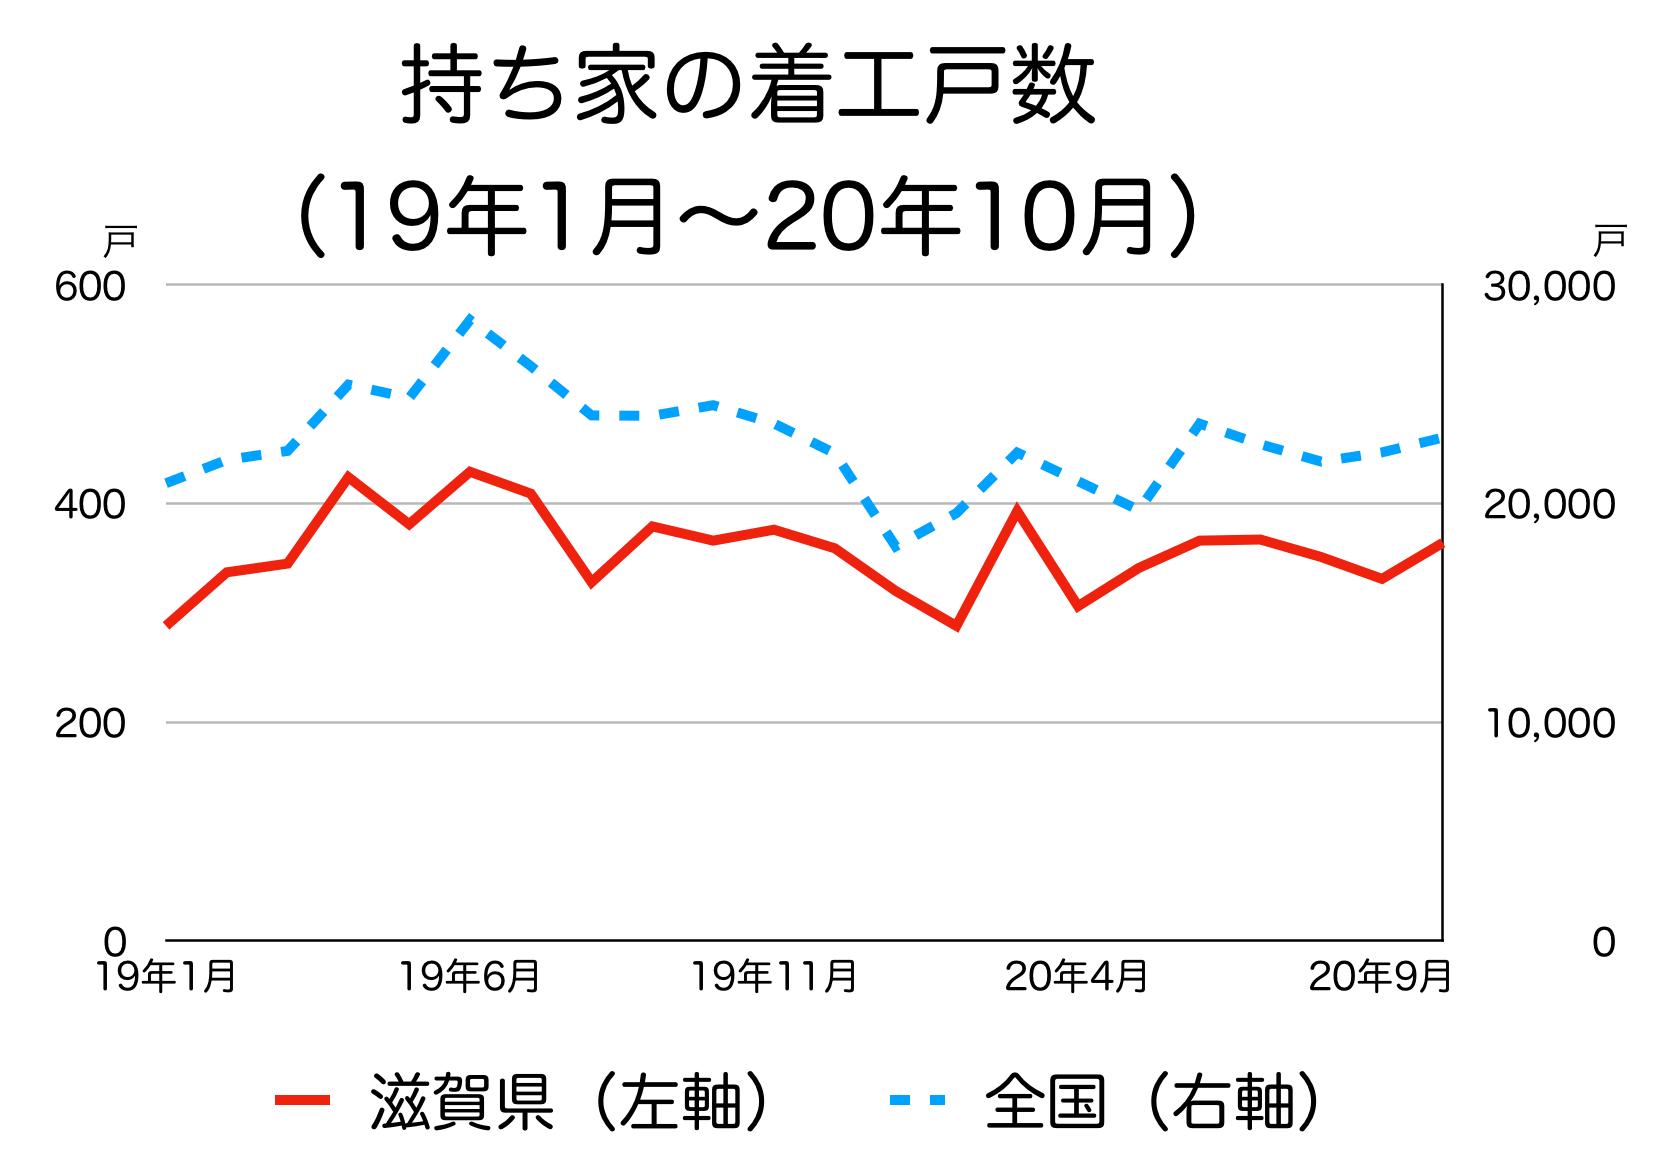 滋賀県の新築着工統計